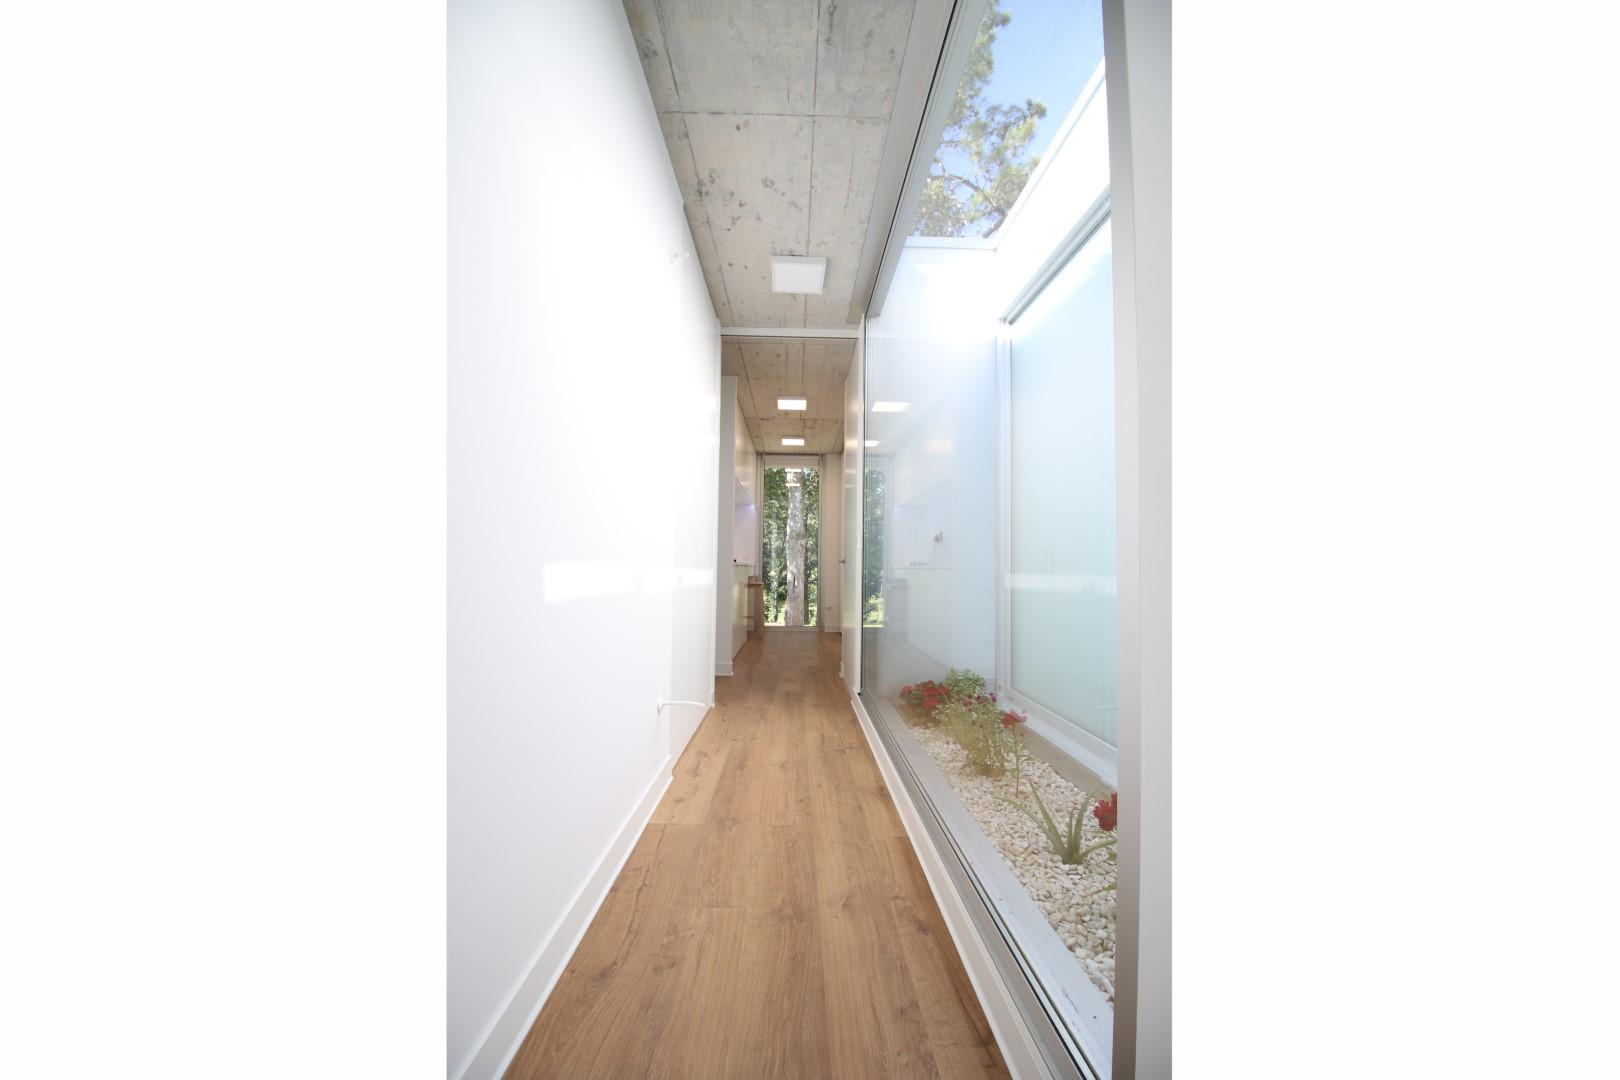 Vivienda unifamiliar contemporánea y minimalista Tomiño. Arquitecto.unifamiliar contemporánea y minimalista Tomiño. Arquitecto.